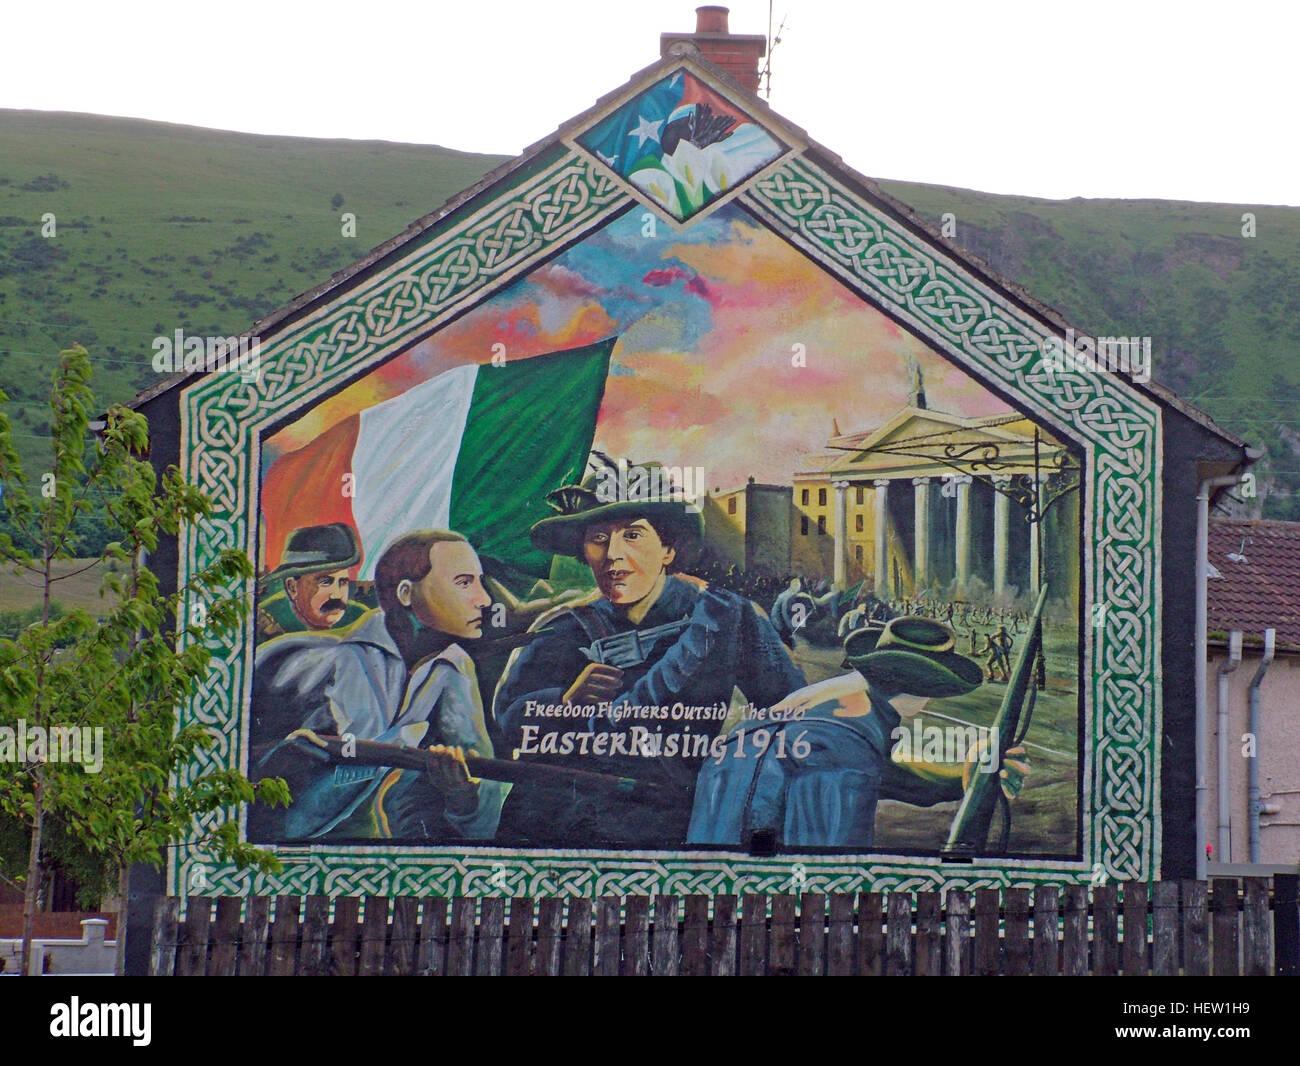 Belfast Falls Rd Republican Mural- Easter Rising - Stock Image